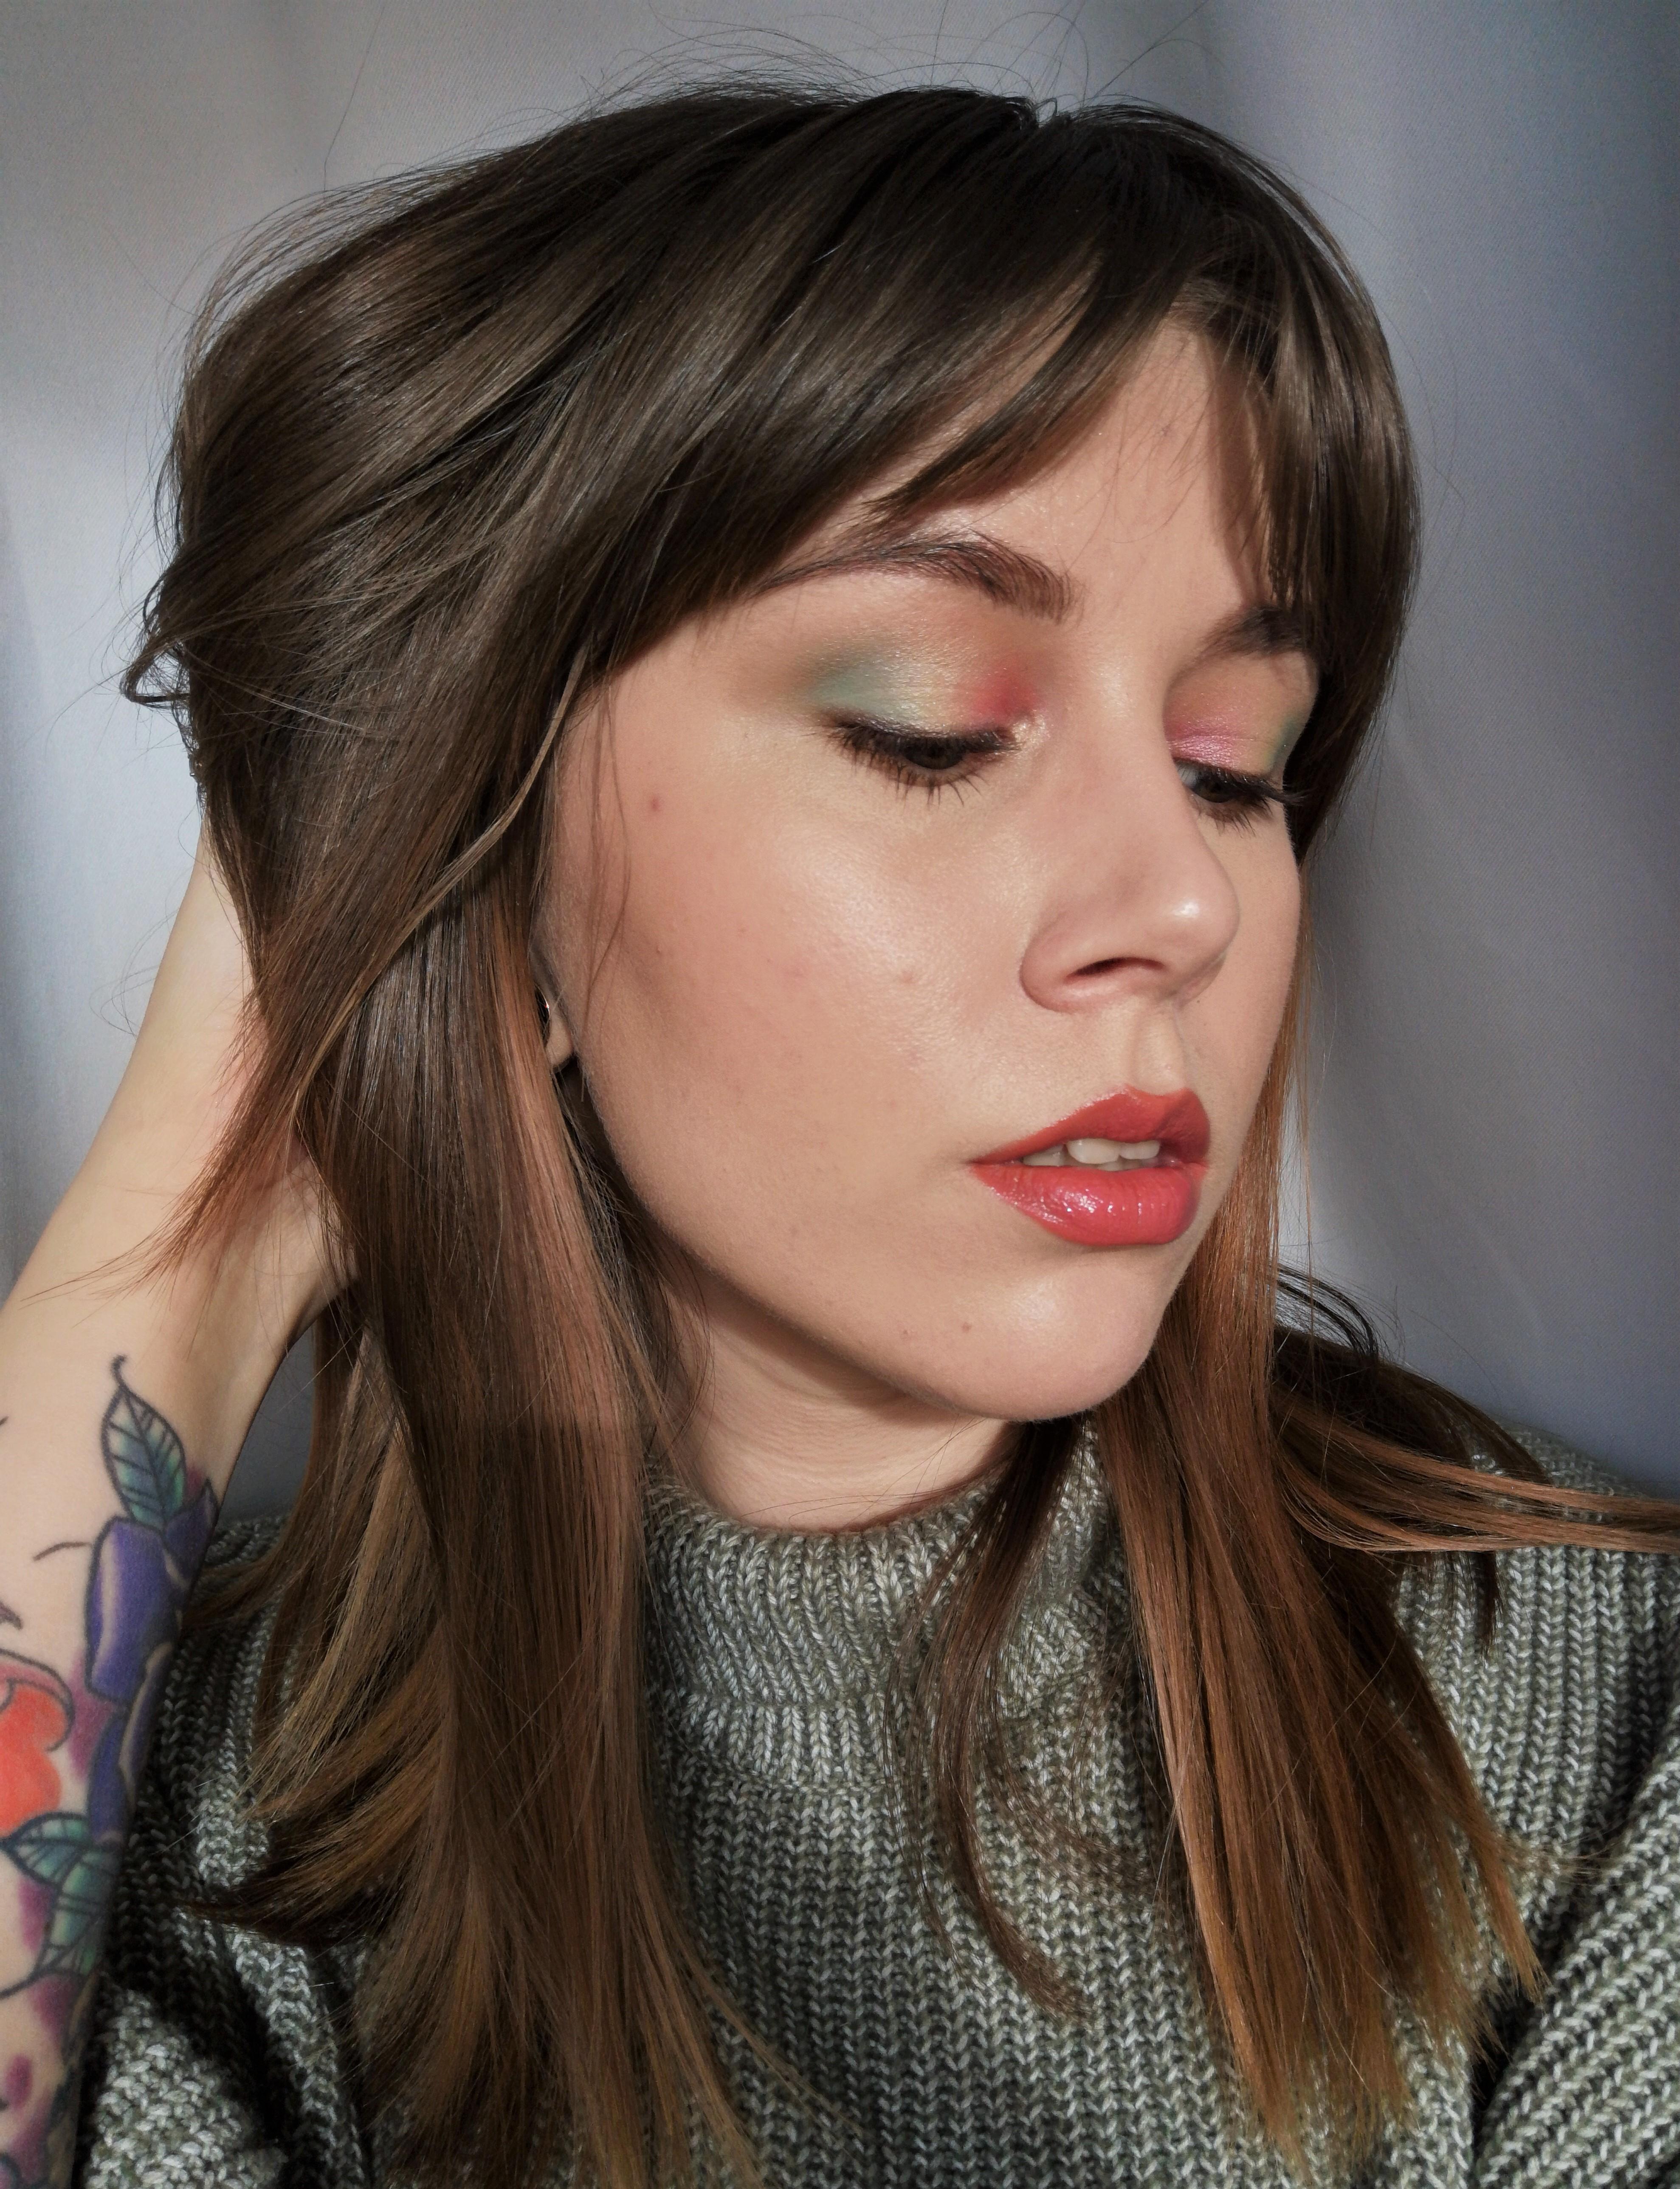 Vuoden 2020 meikkitrendit: Vesivärimeikki